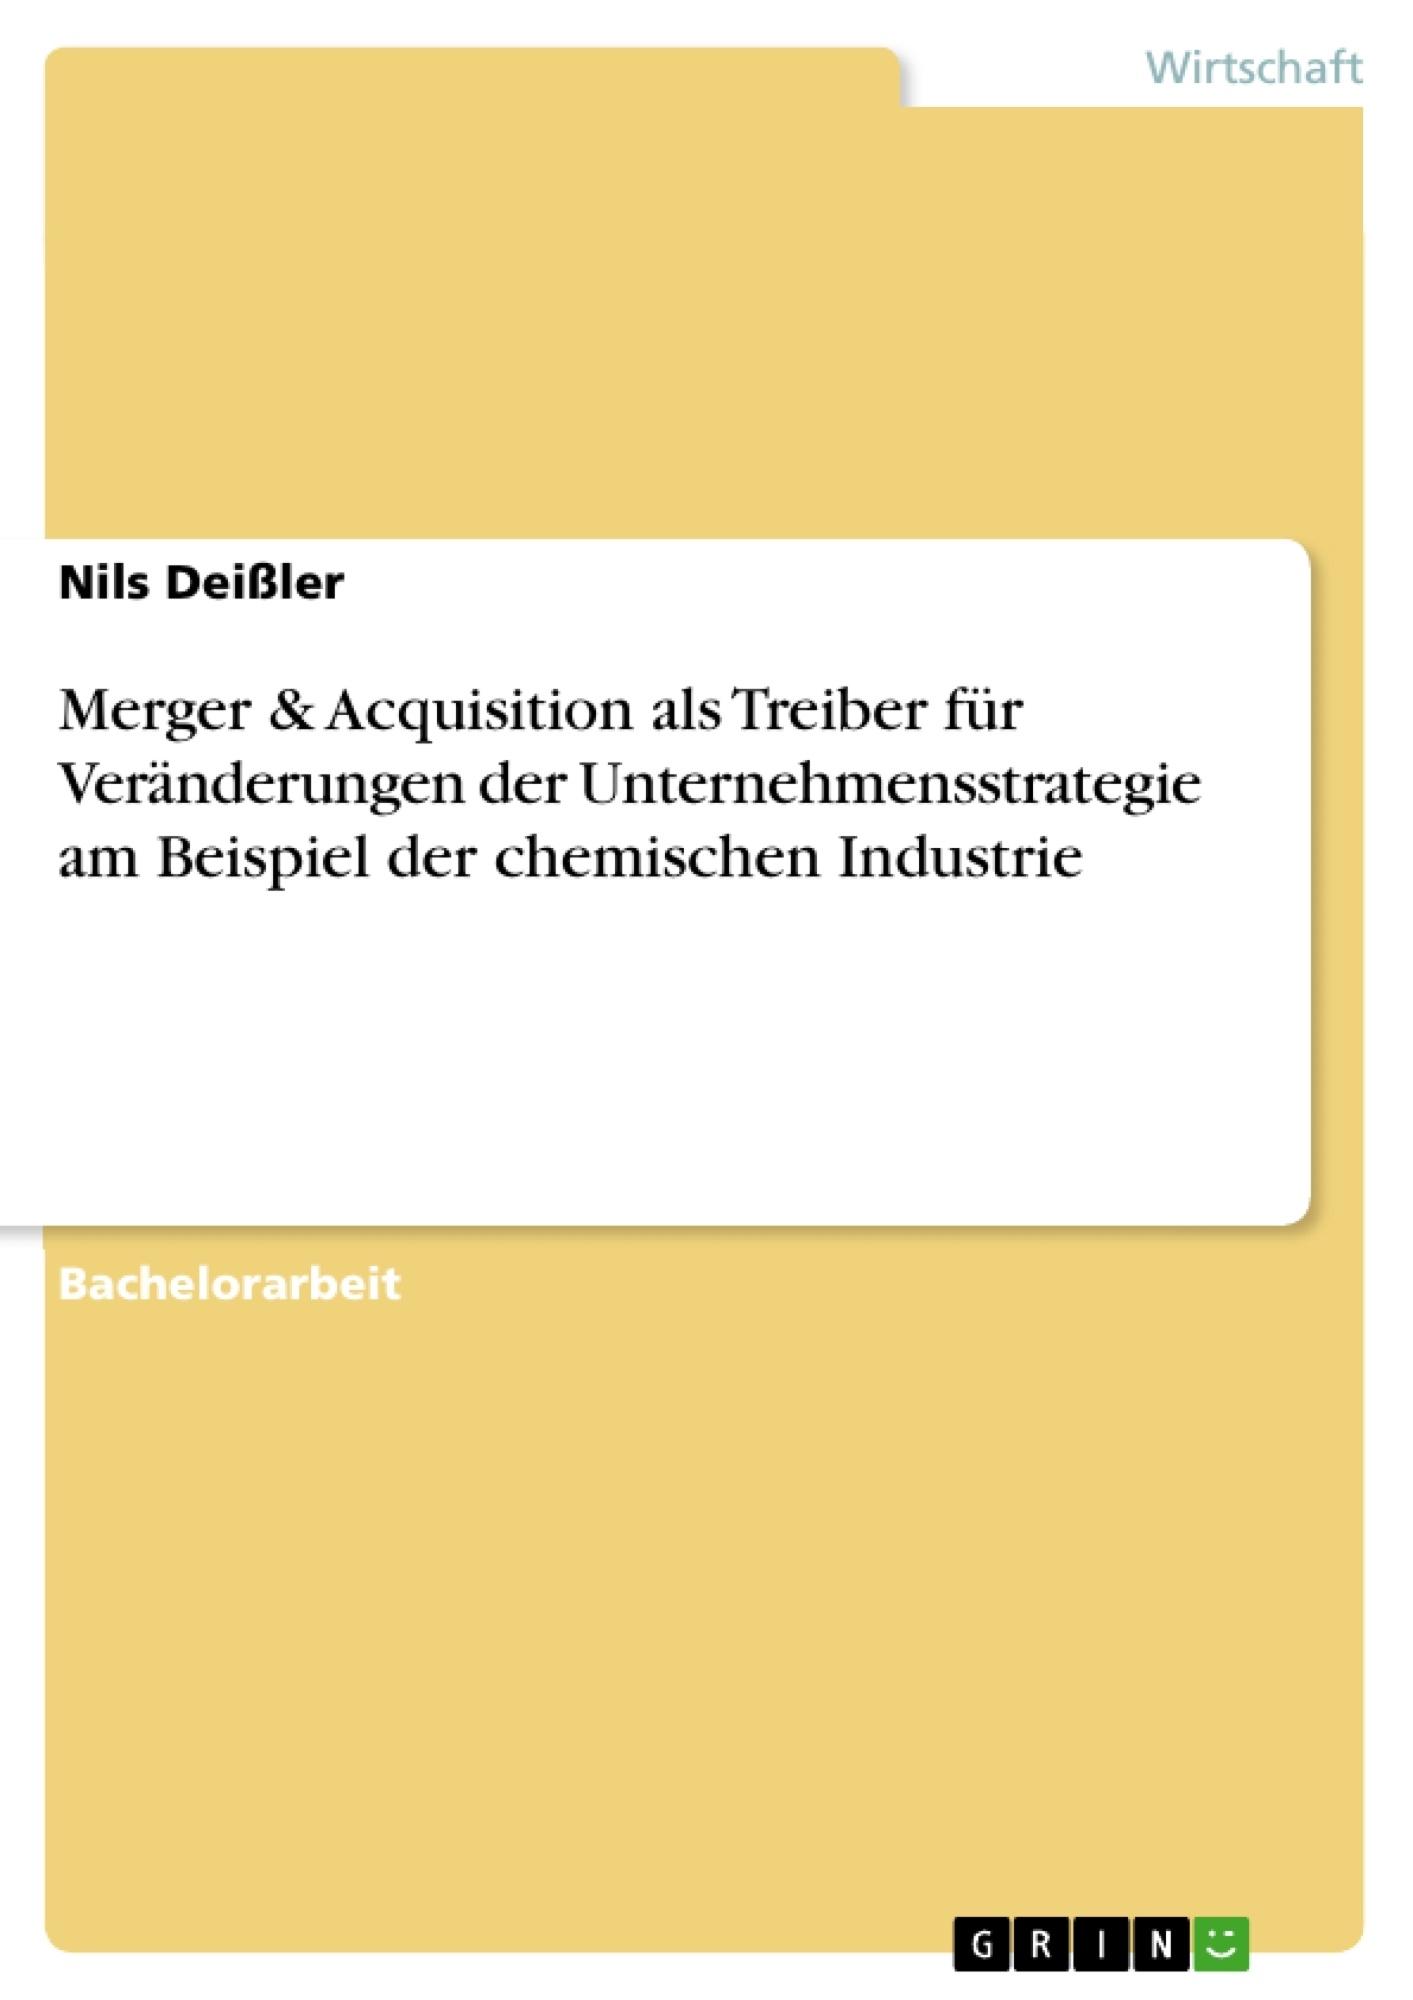 Titel: Merger & Acquisition als Treiber für Veränderungen der Unternehmensstrategie am Beispiel der chemischen Industrie